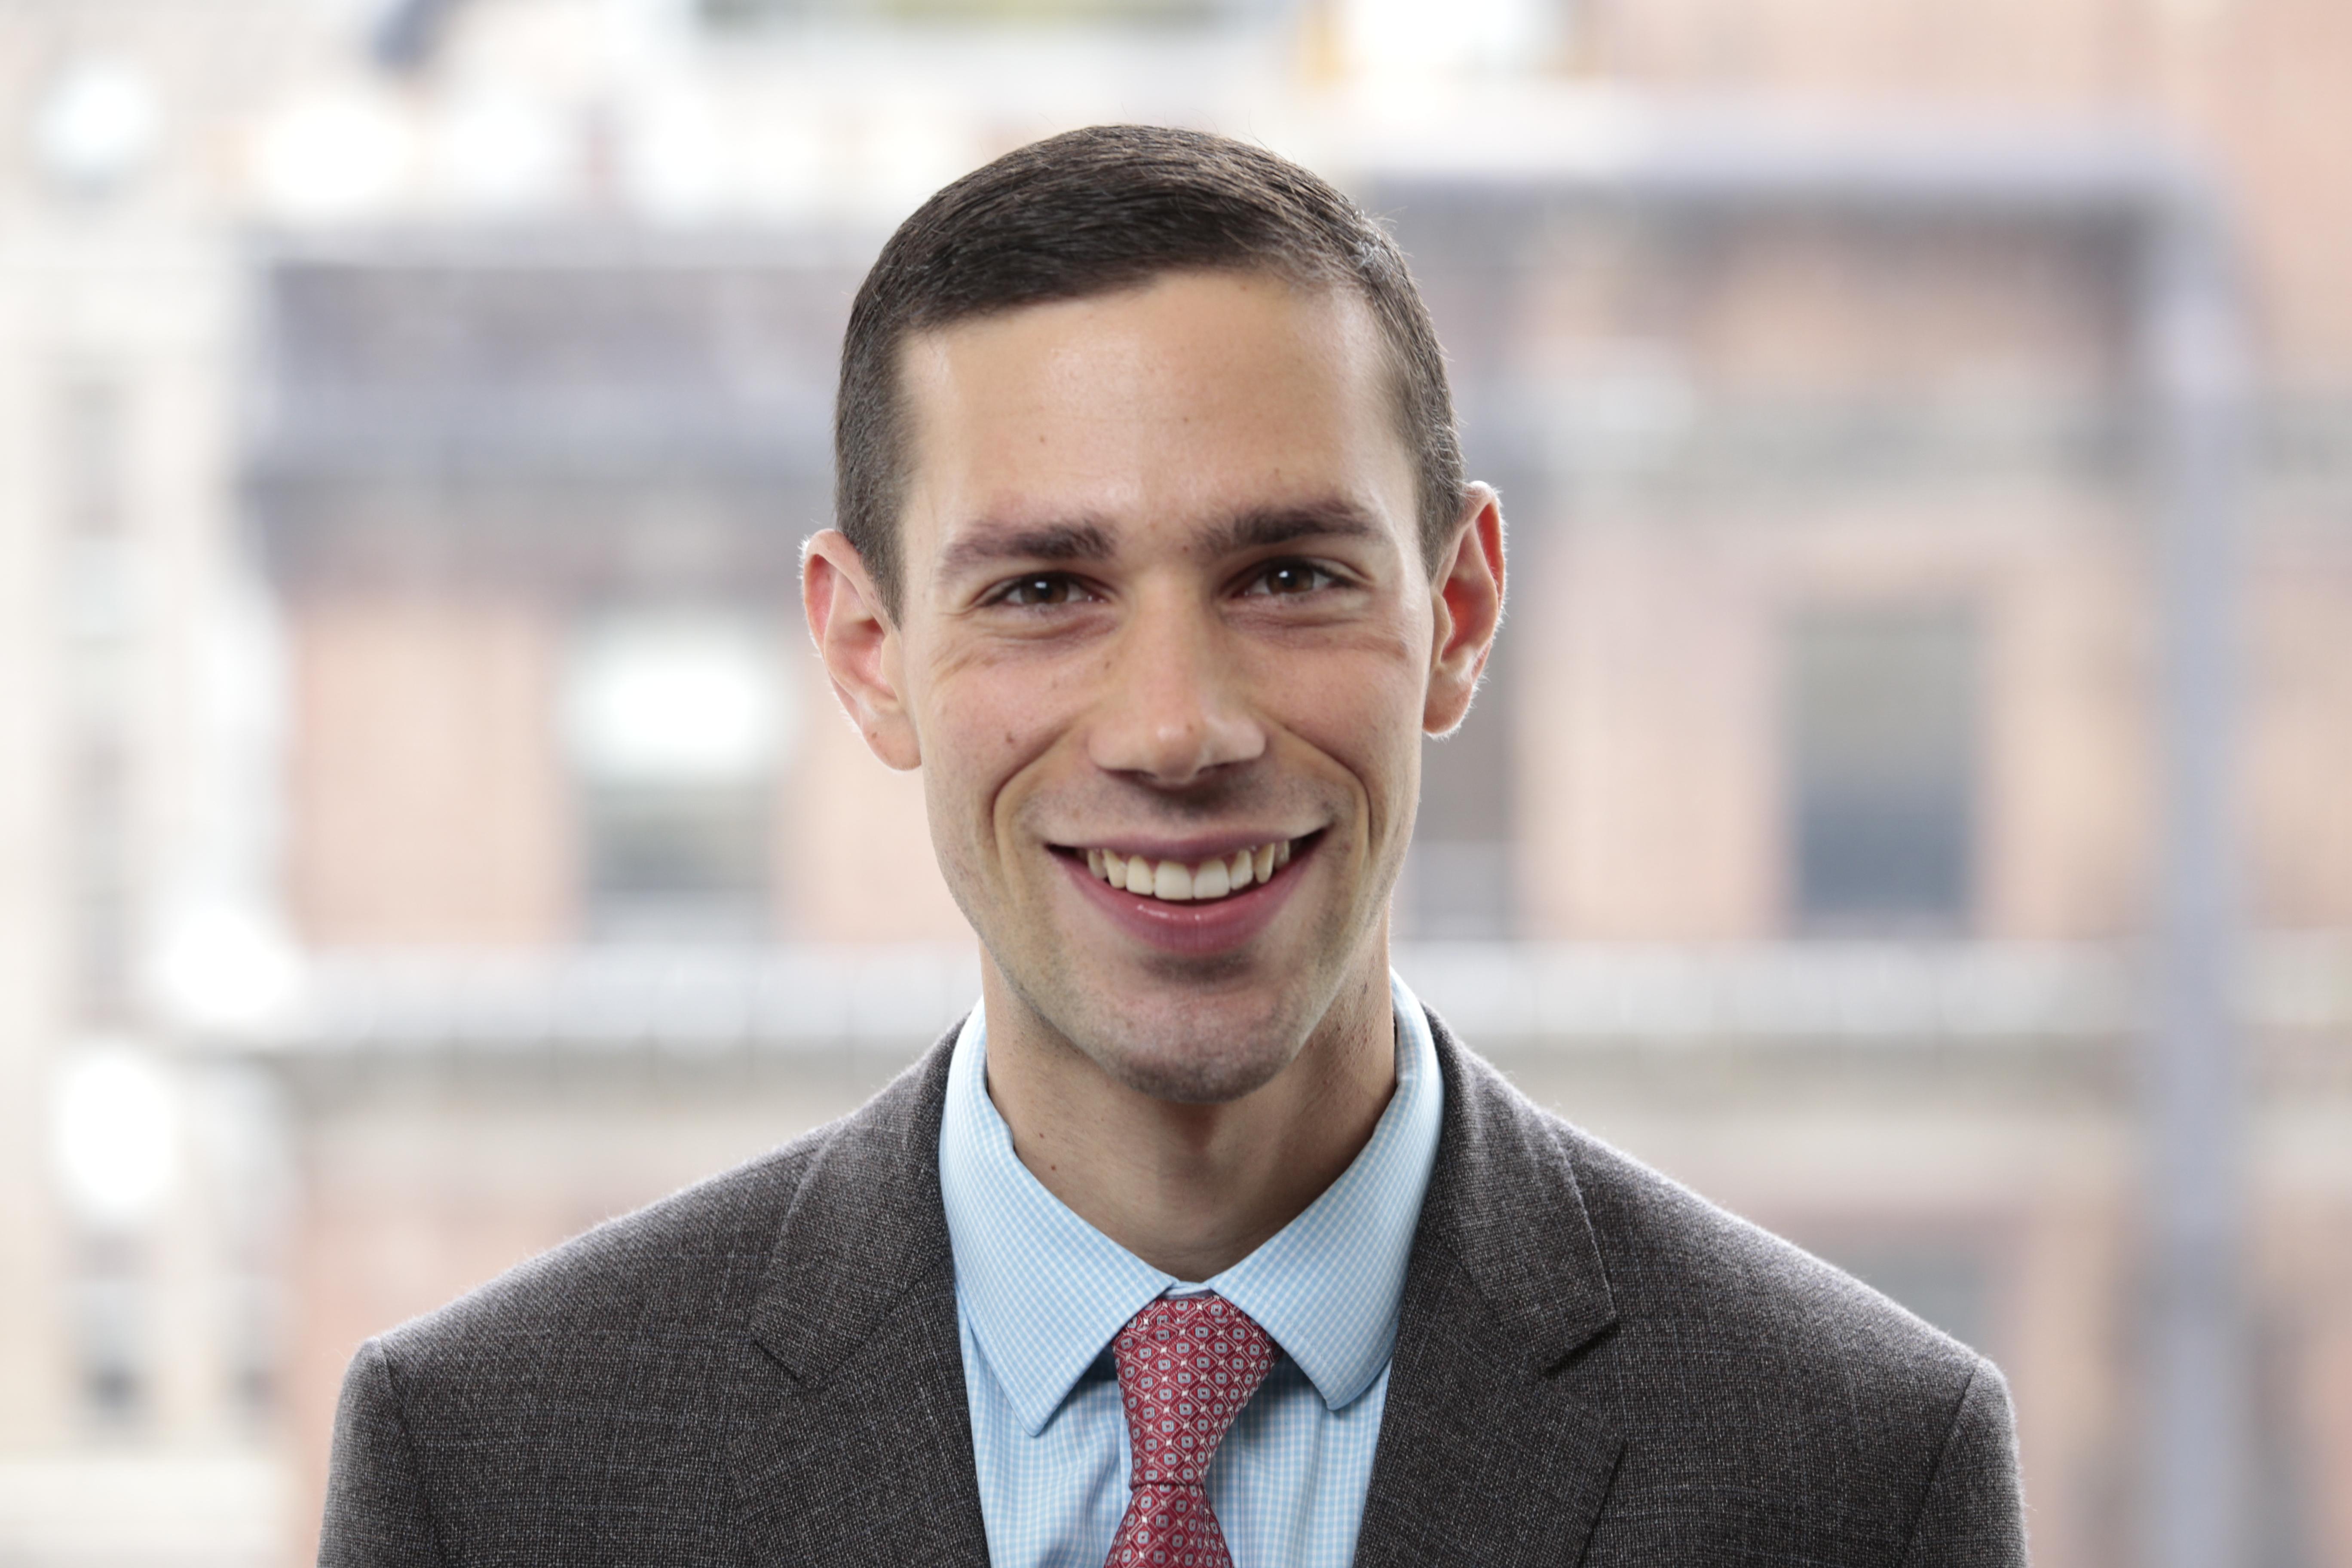 Daniel Kotzen